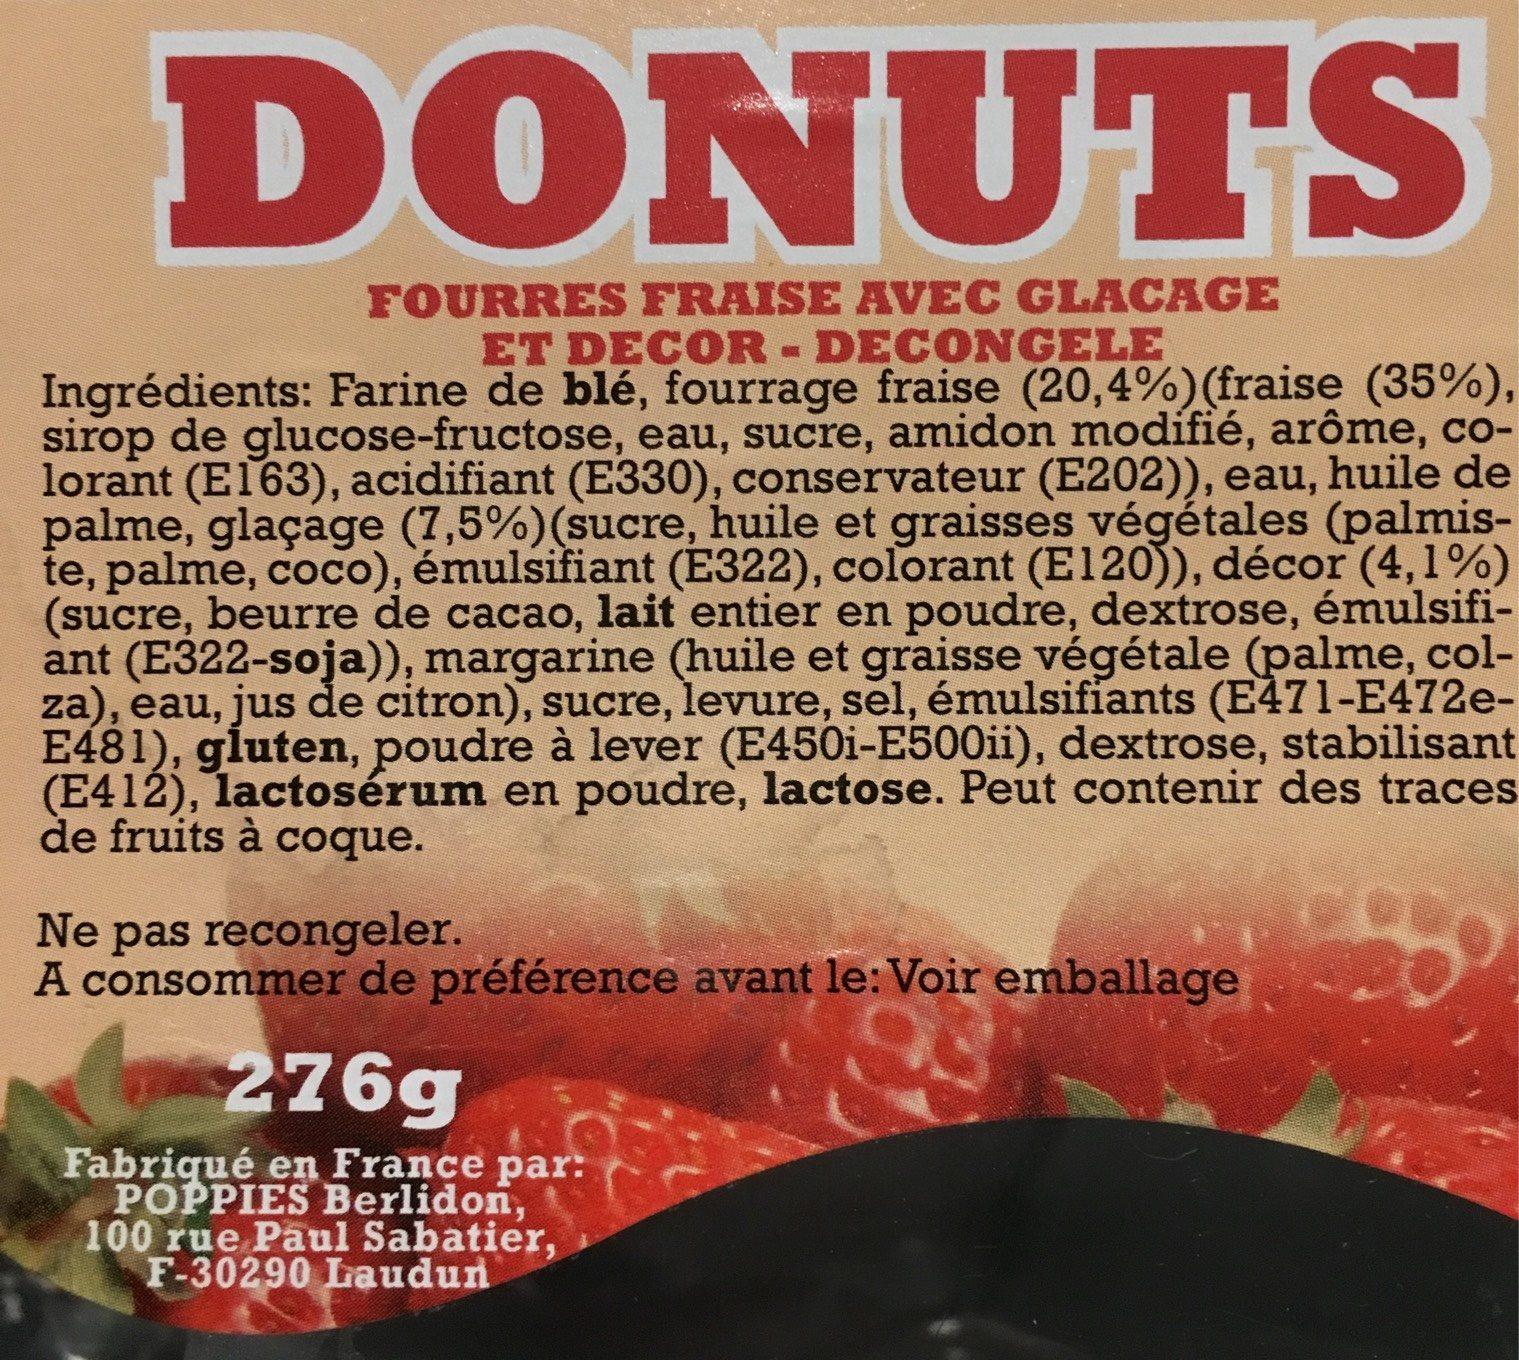 Donuts fourrés fraise avec glaçage et decor - Produit - fr